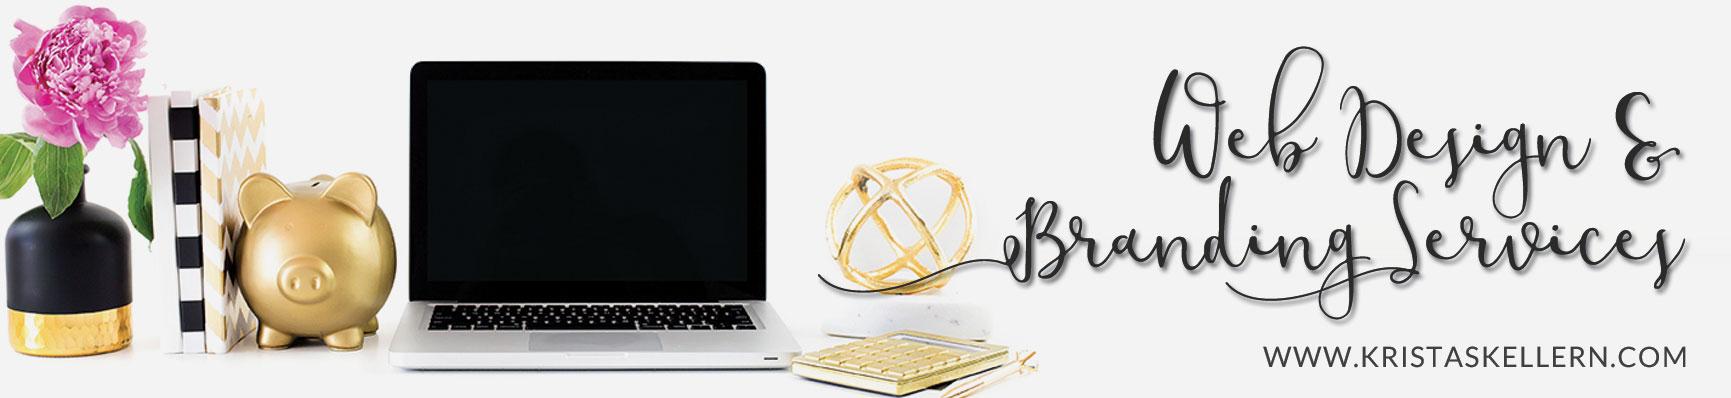 krista-skellern-digital-design-co-banner-ad